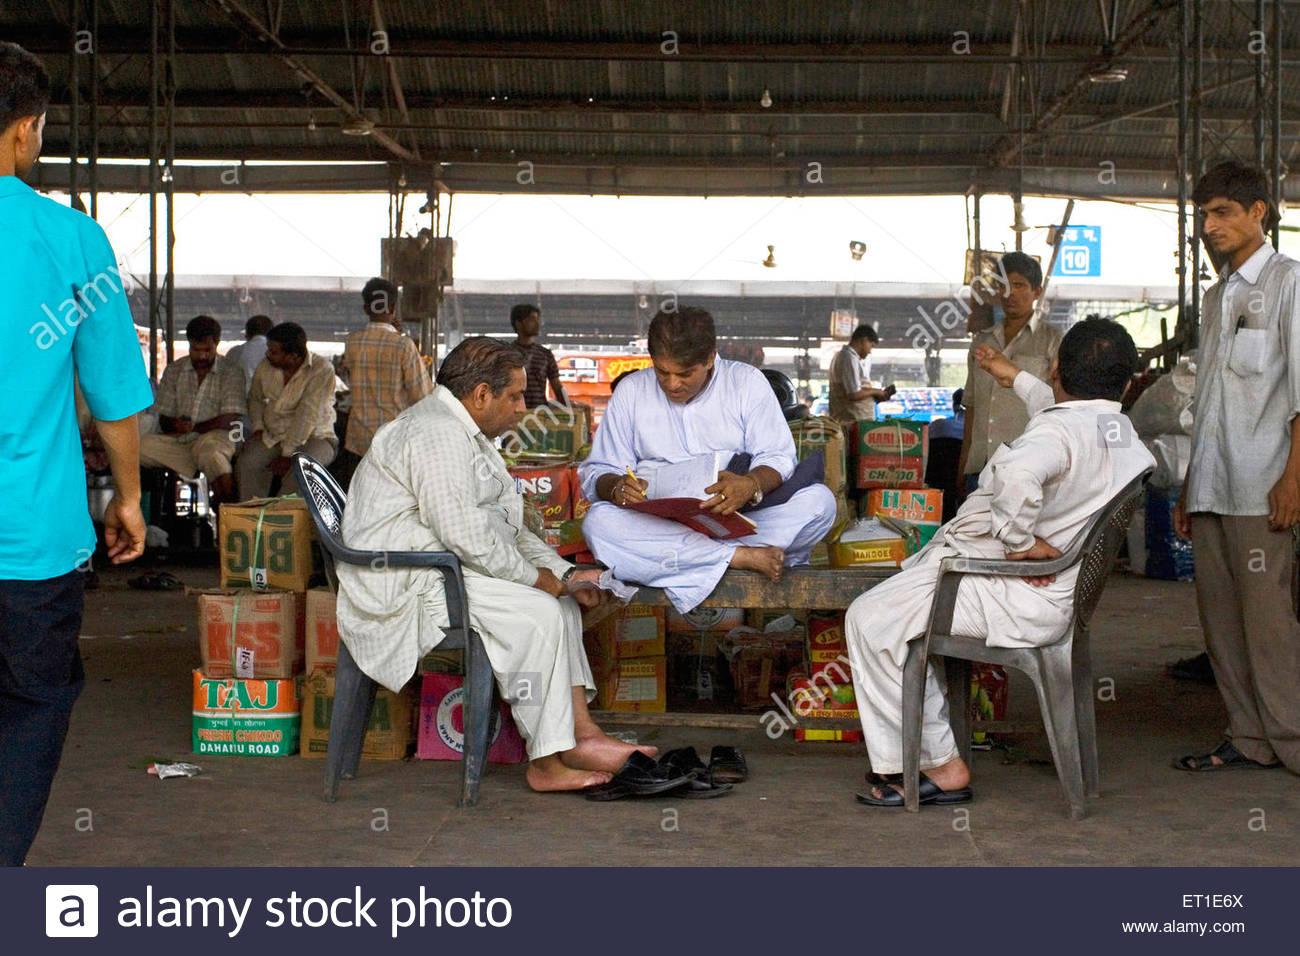 Händler oder Zwischenhändler von Mango-Frucht Datensatz beibehalten; Delhi; Indien - kein Model-Release Stockbild